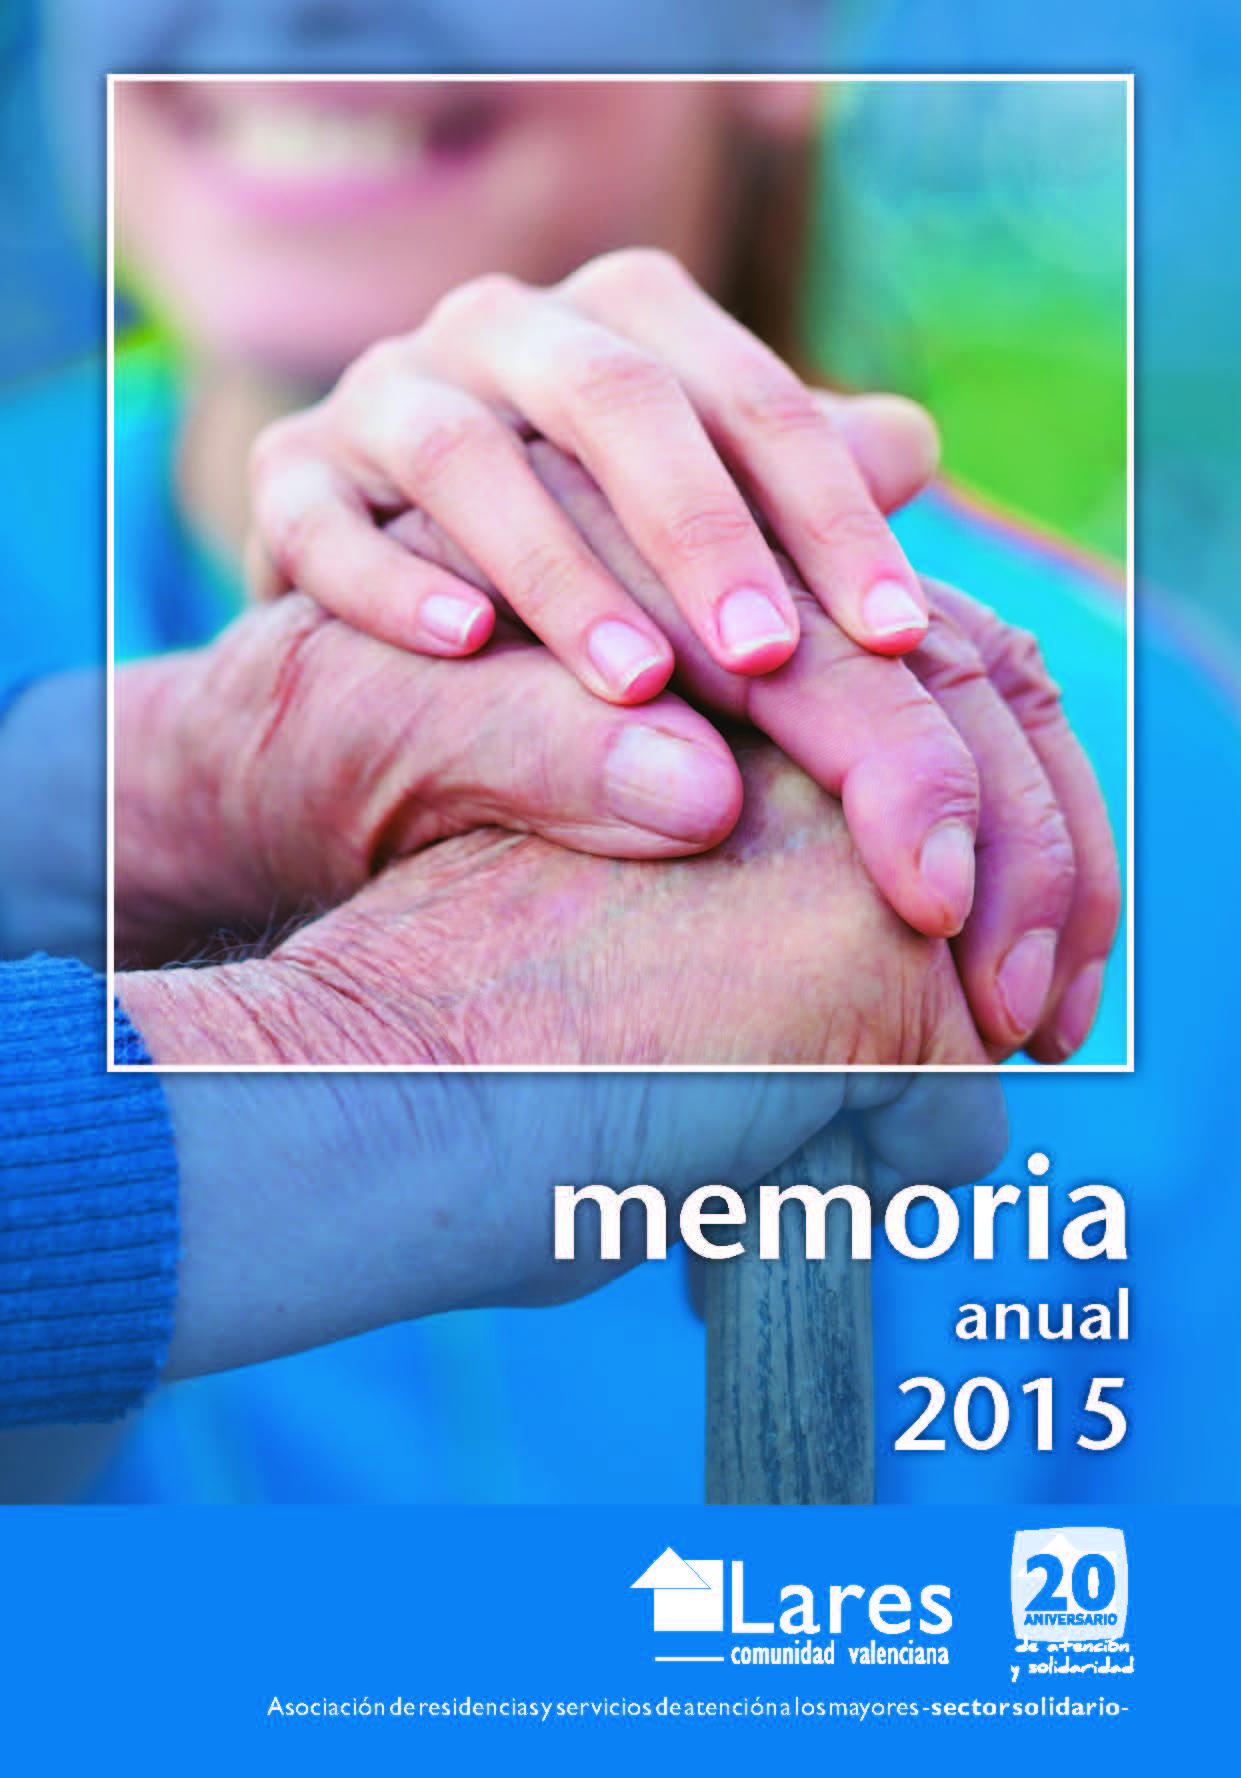 MEMORIA PORTADA SOLA - La Fundación del Arciprestazgo de Ruzafa apuesta por la calidad en sus centros.